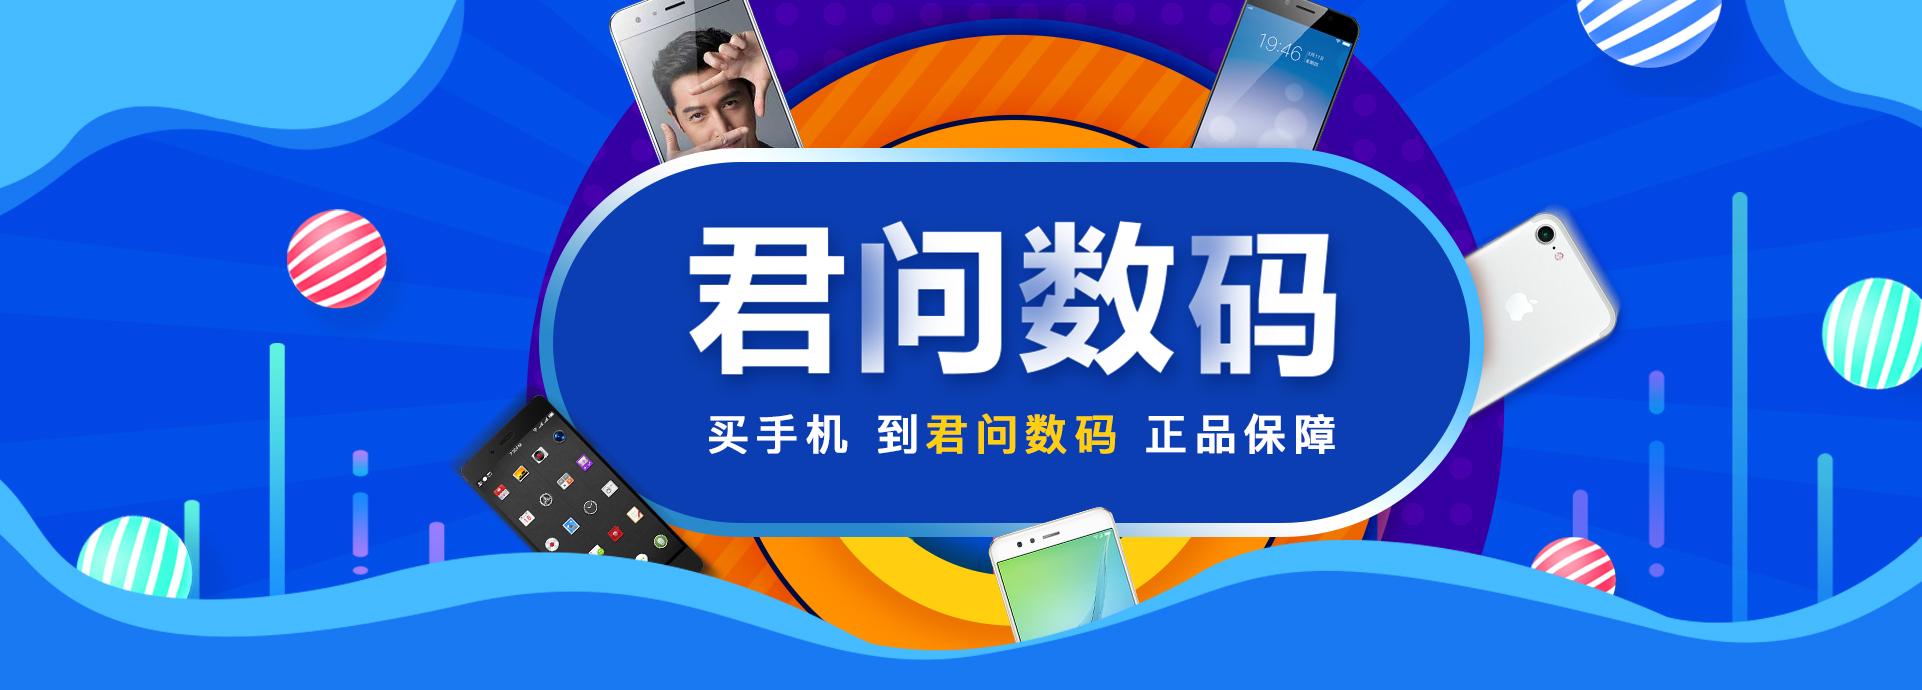 浙江新万博manbetx下载app集团问问